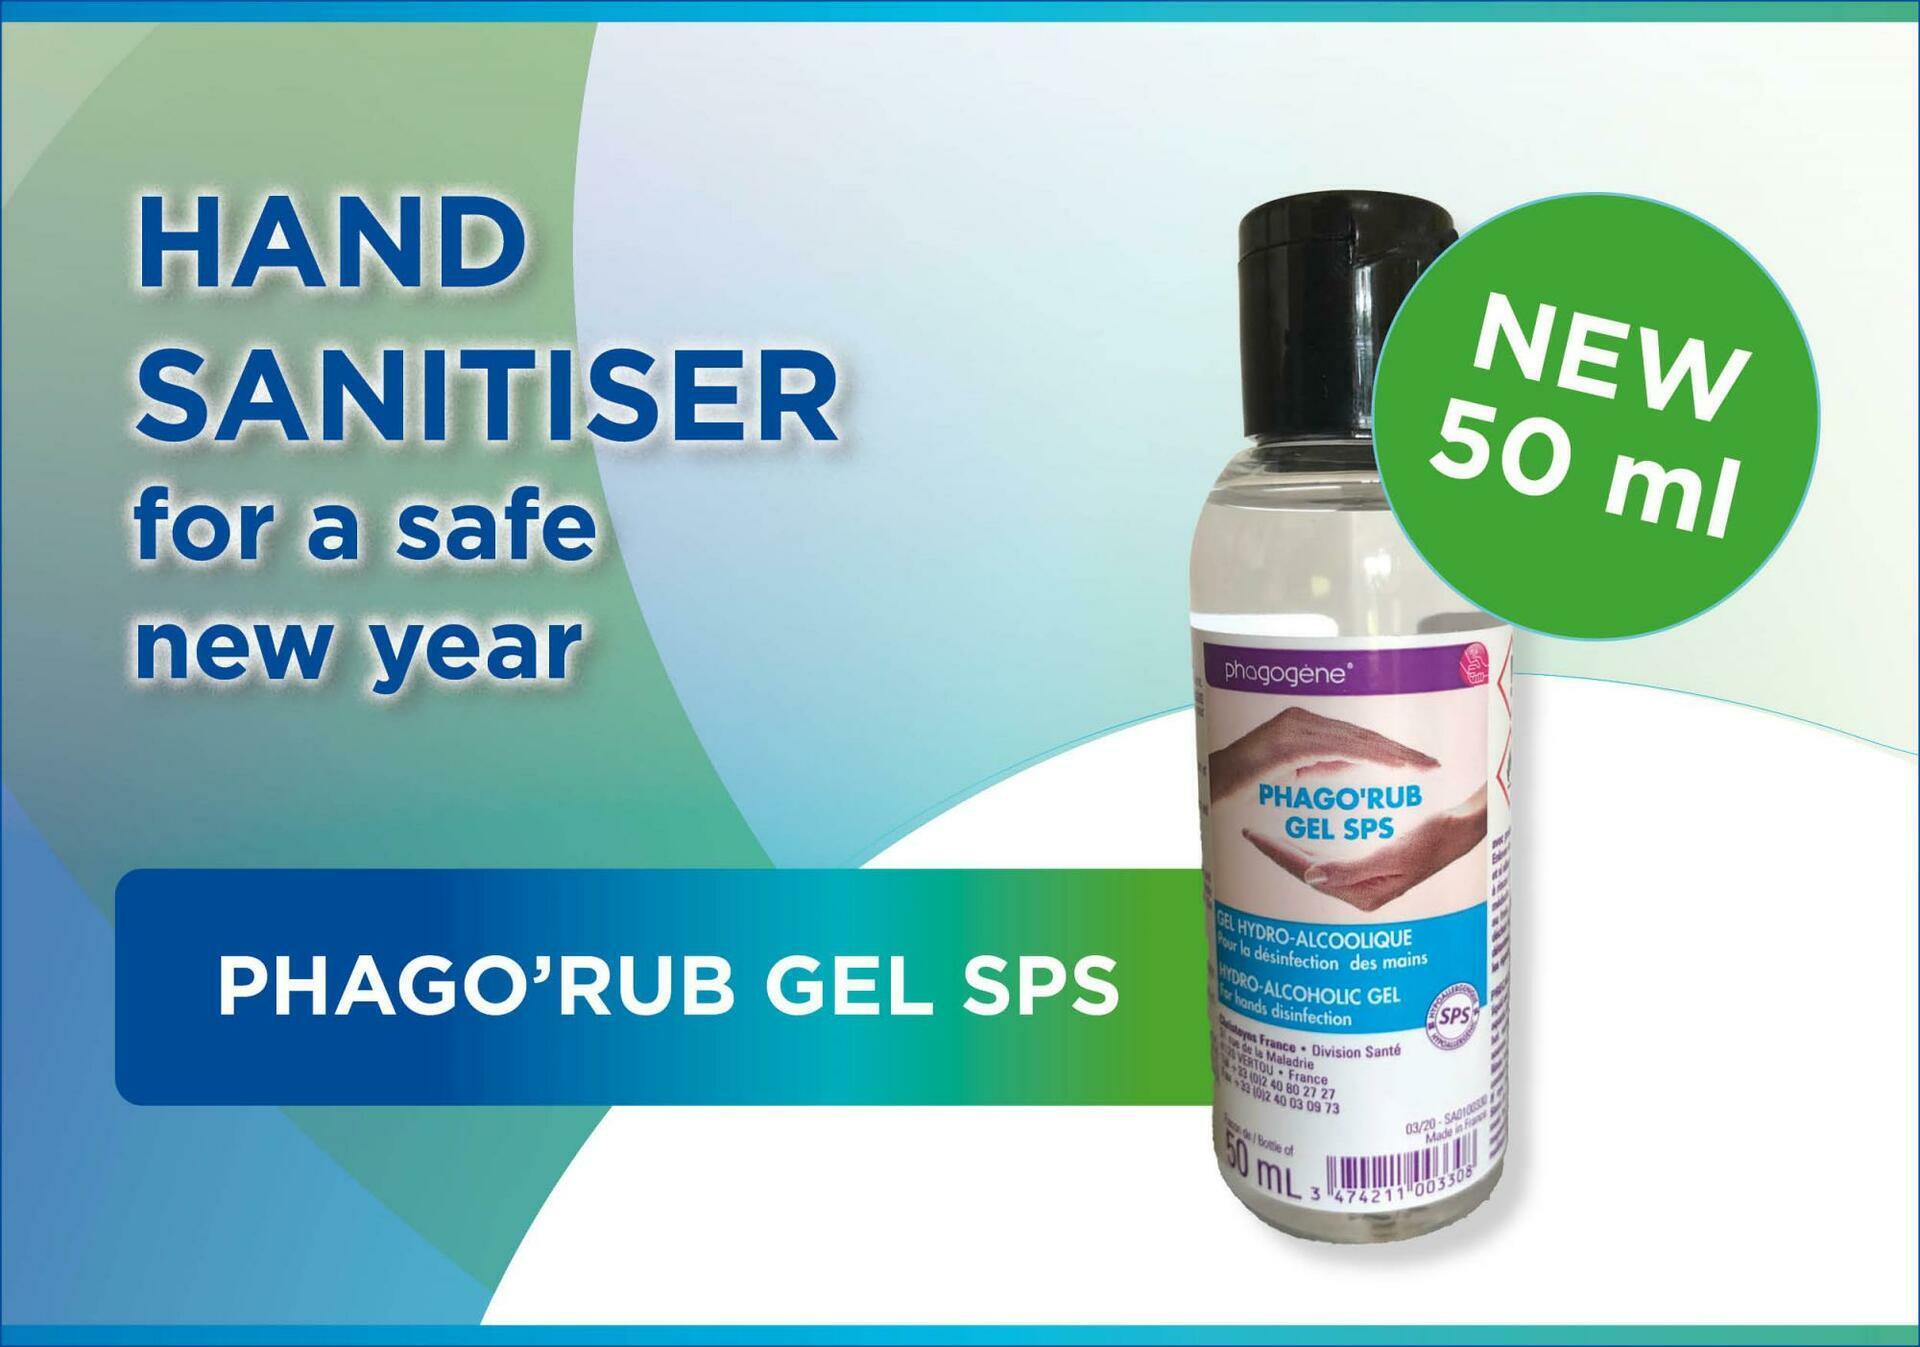 NEW: Phago'rub Gel SPS 50 ml